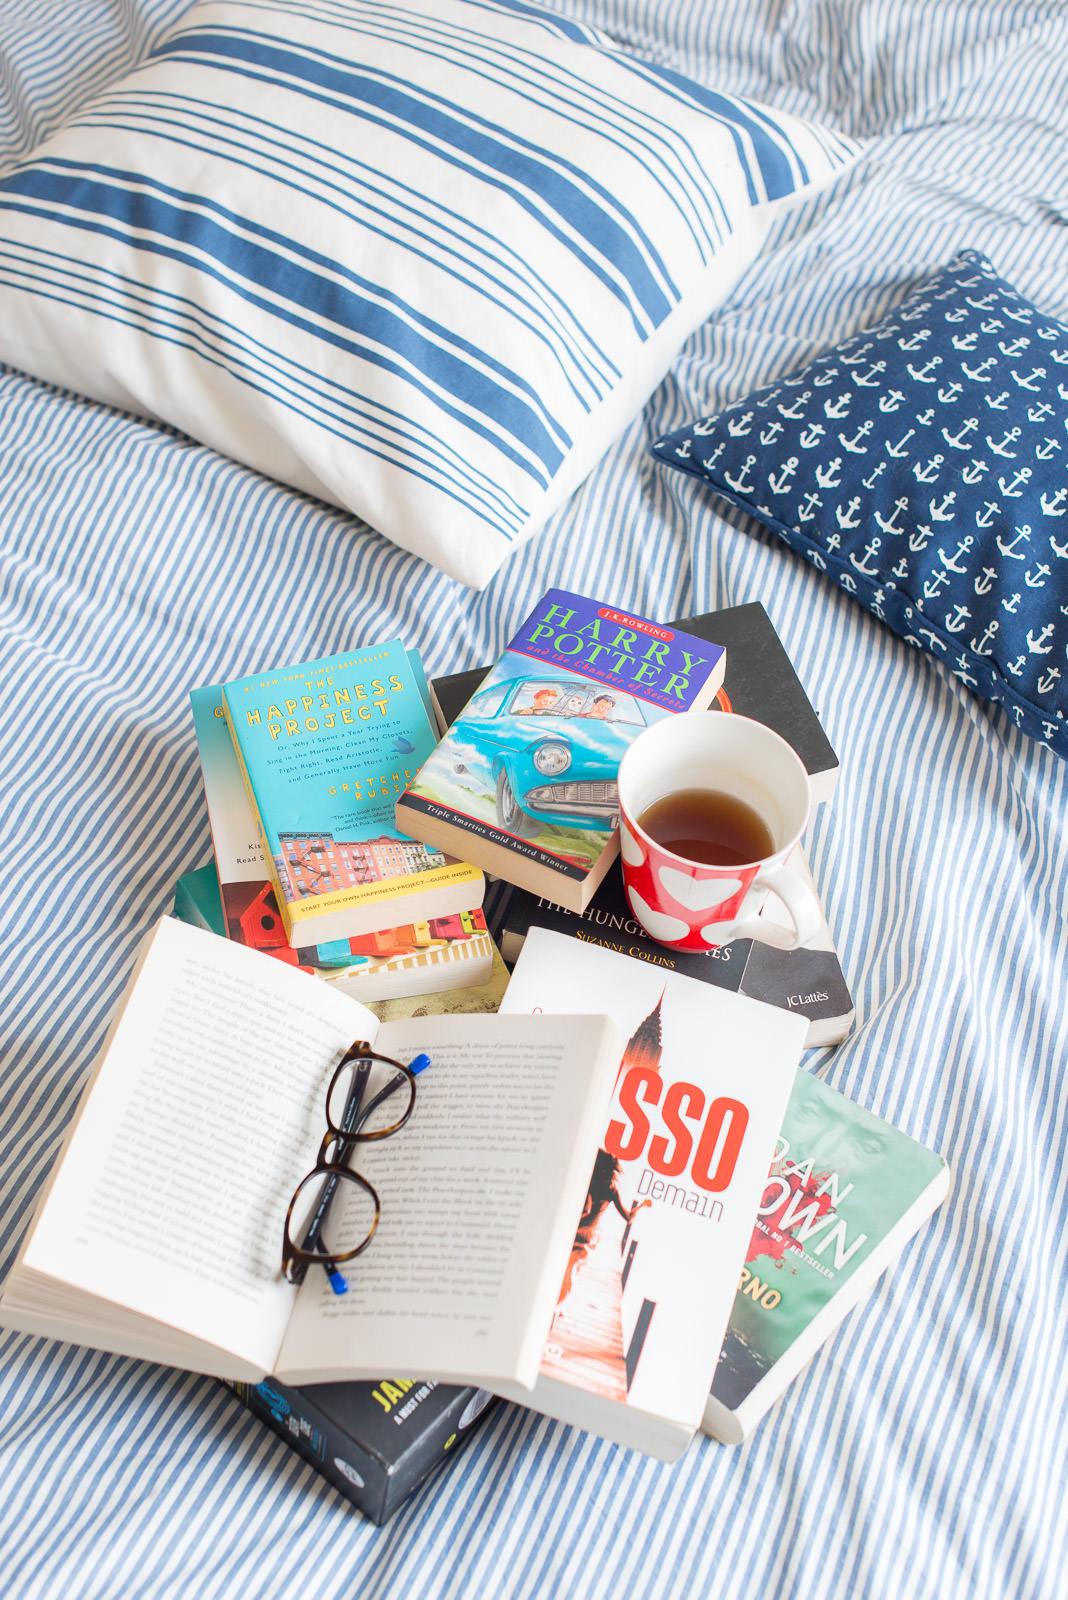 Blog-Mode-And-The-City-les-livres-lire-pendant-vacances (1)